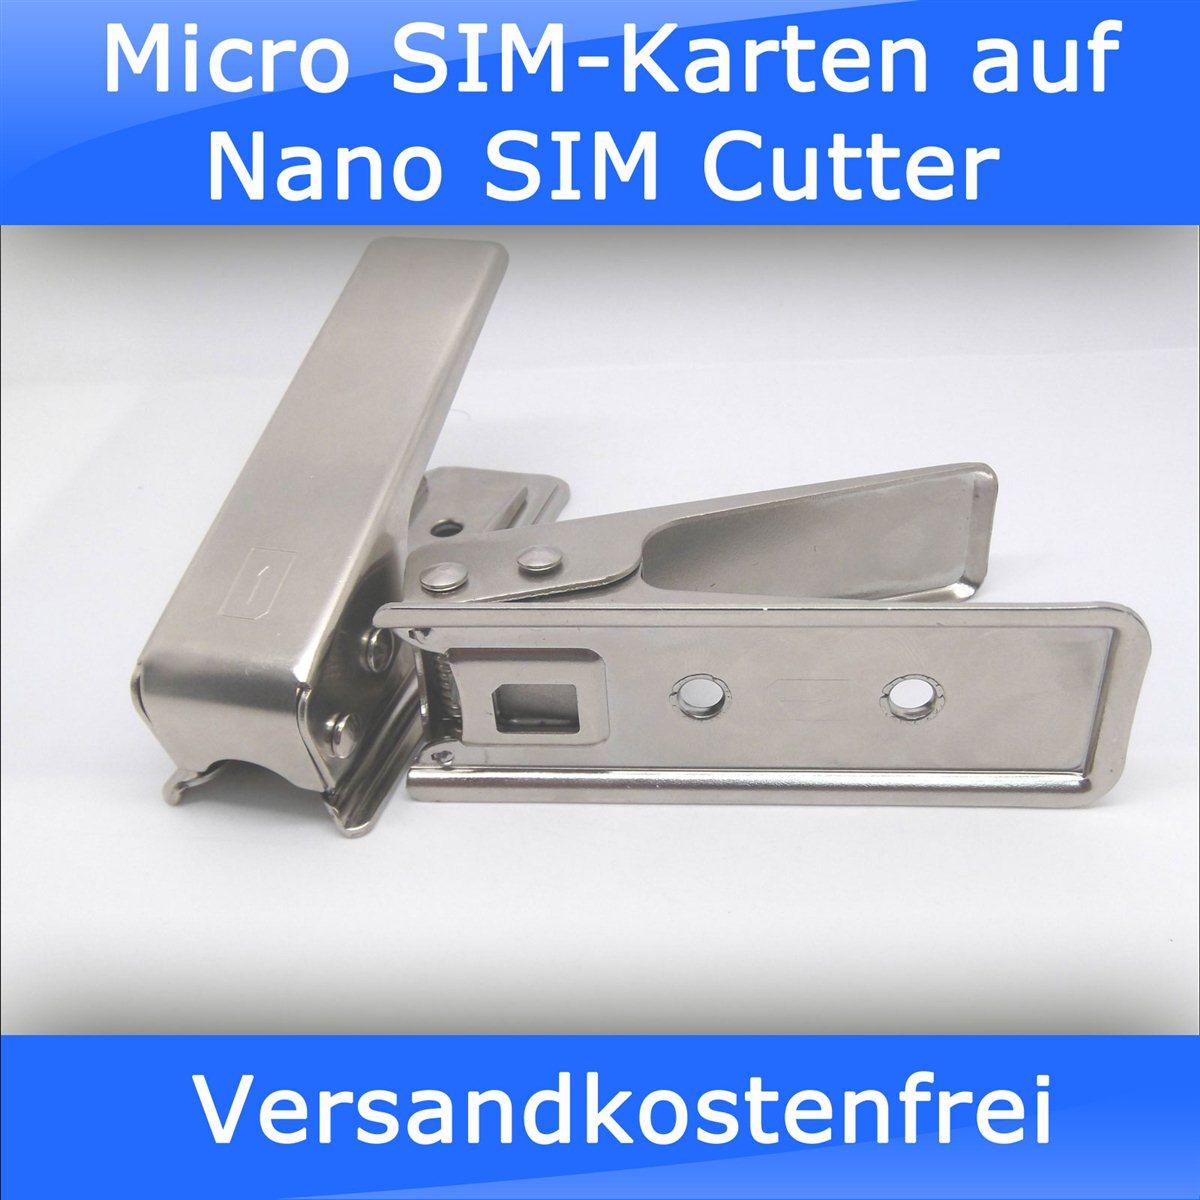 unterschied micro sim und nano sim